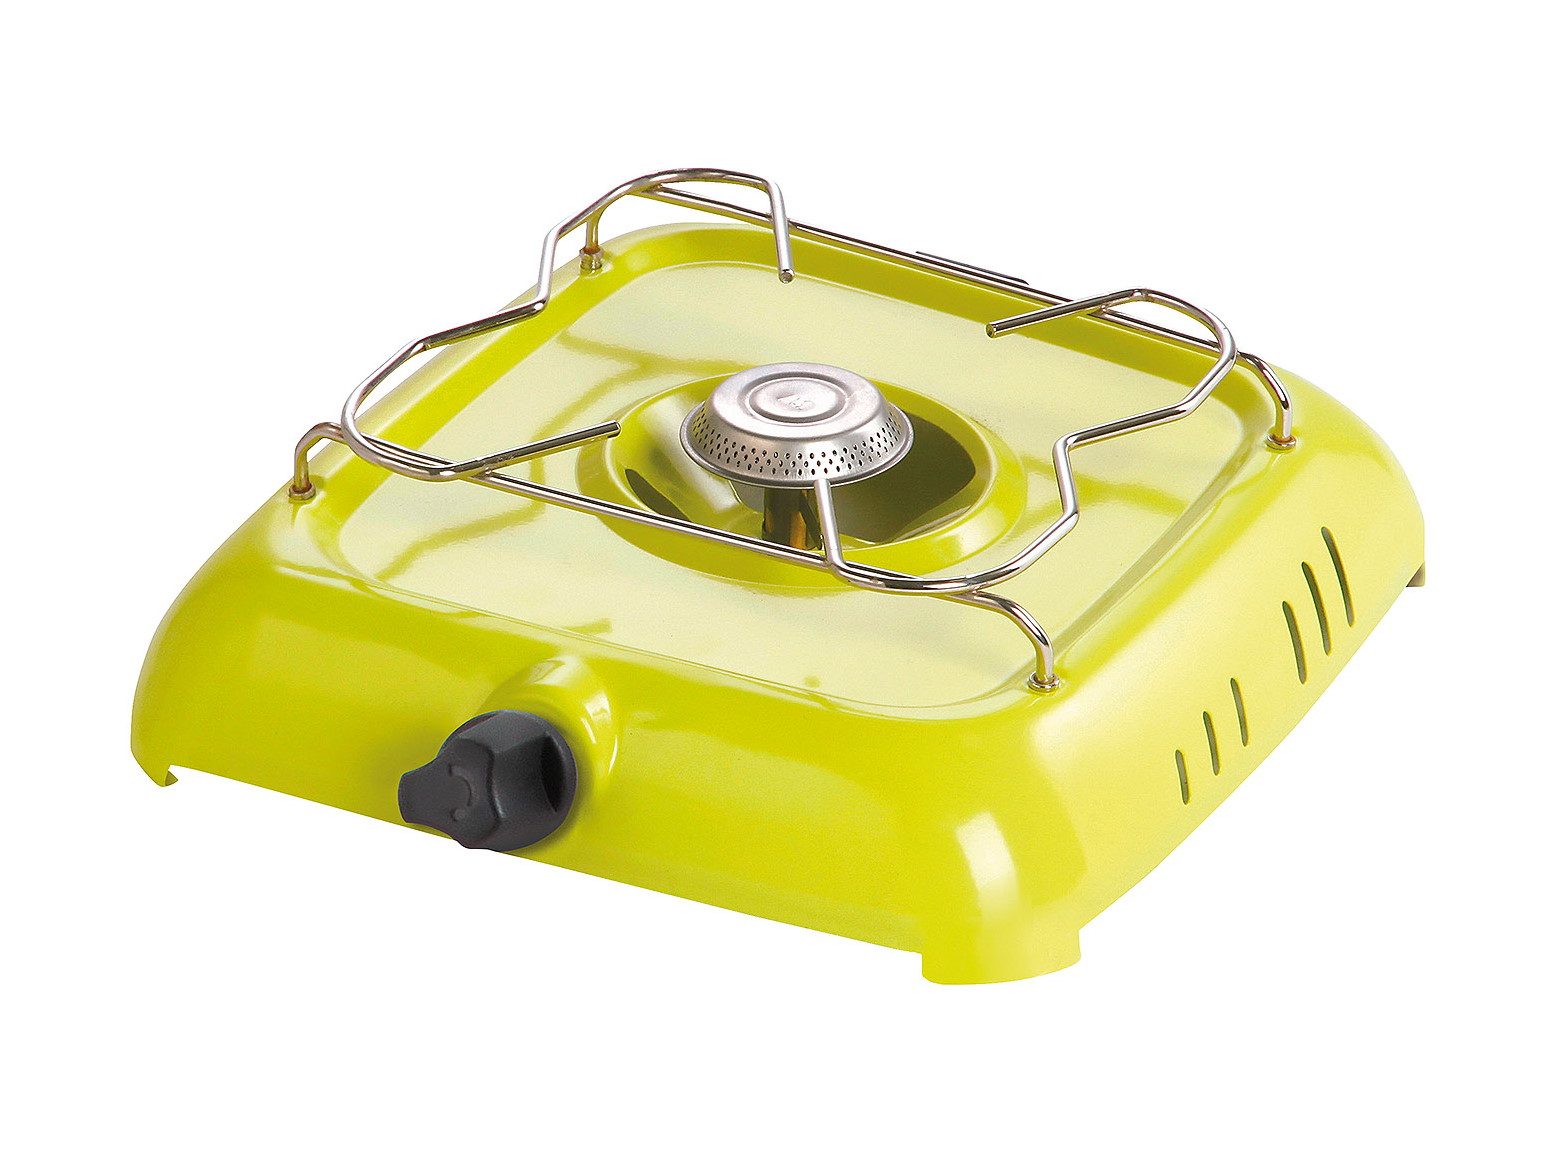 Meva Campingový vařič Víkend Mini 1,2 kW, 2311